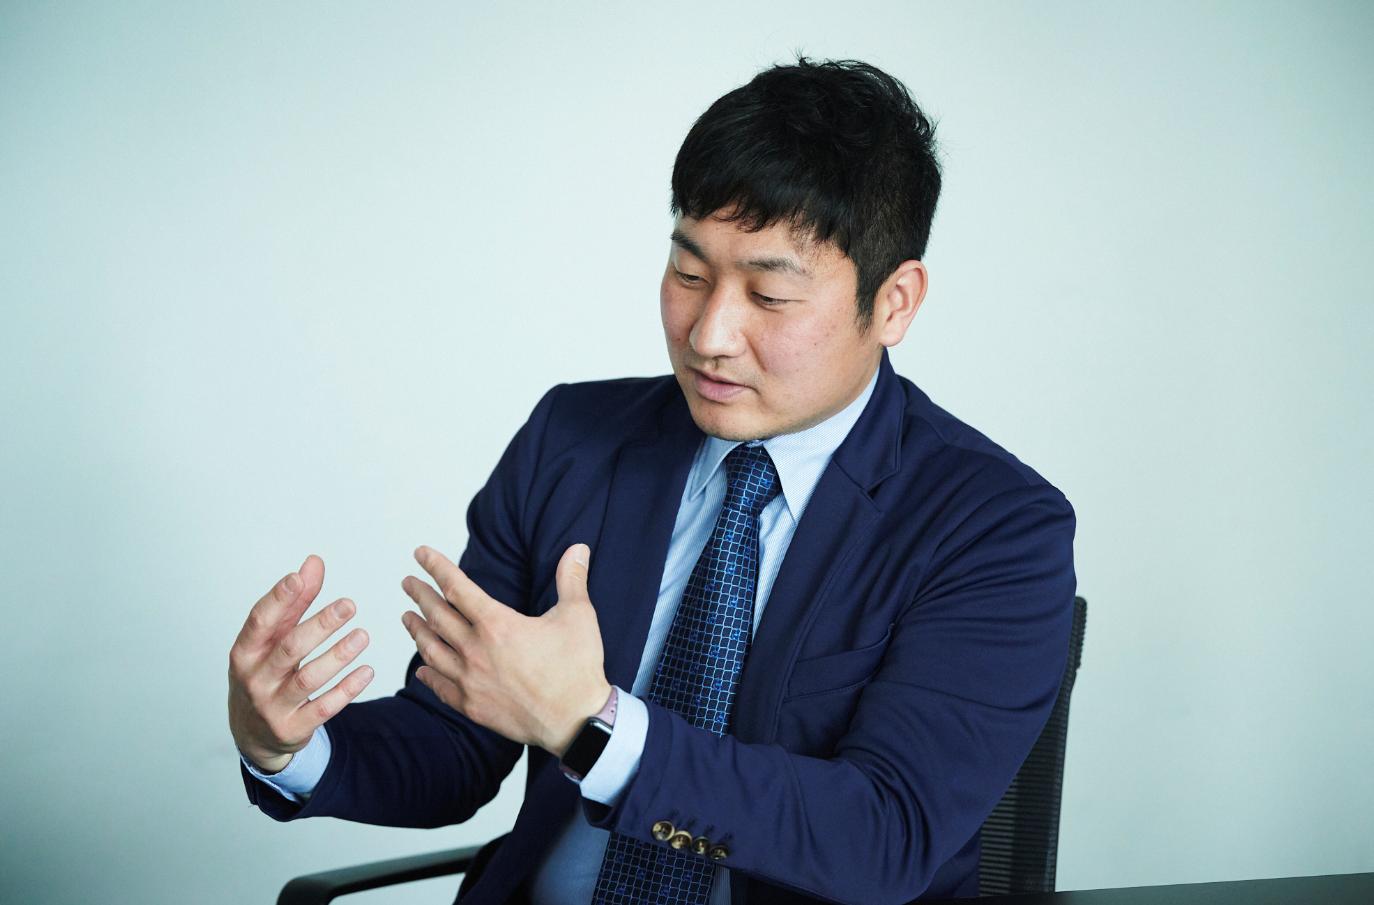 日本知的障がい者陸上競技連盟 東京2020ディレクターの下稲葉耕己氏